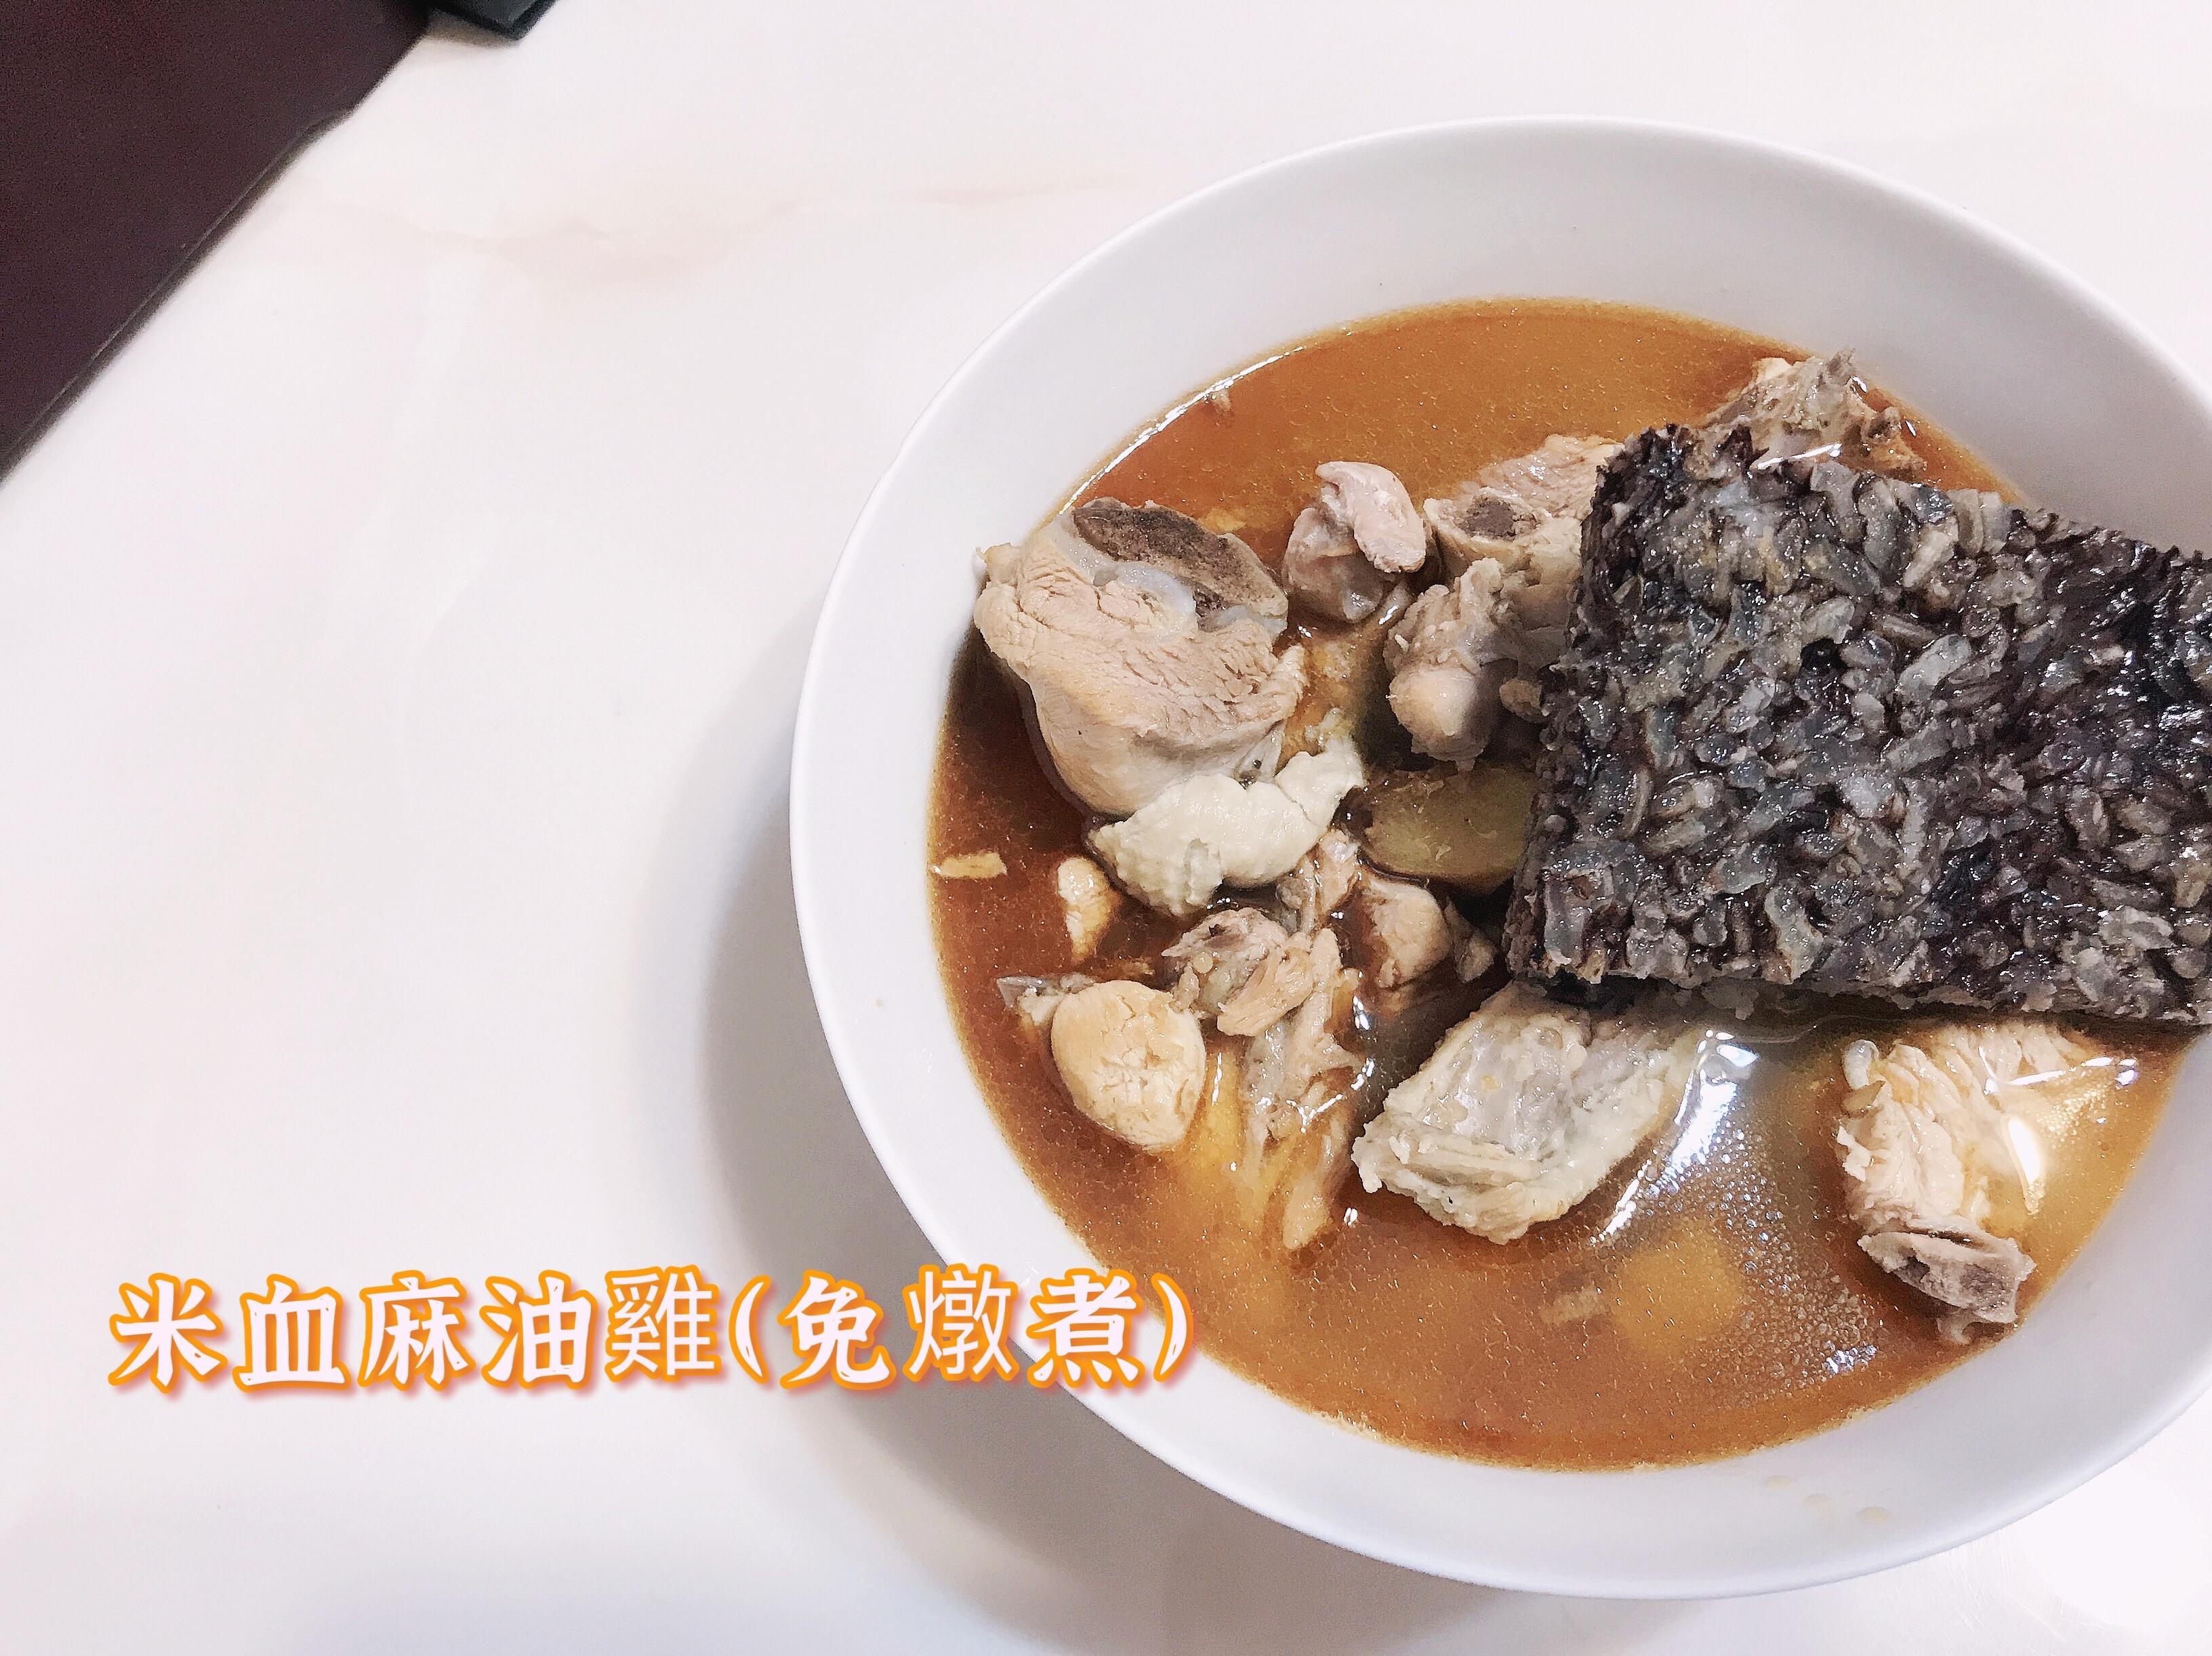 米血麻油雞(免燉煮法)